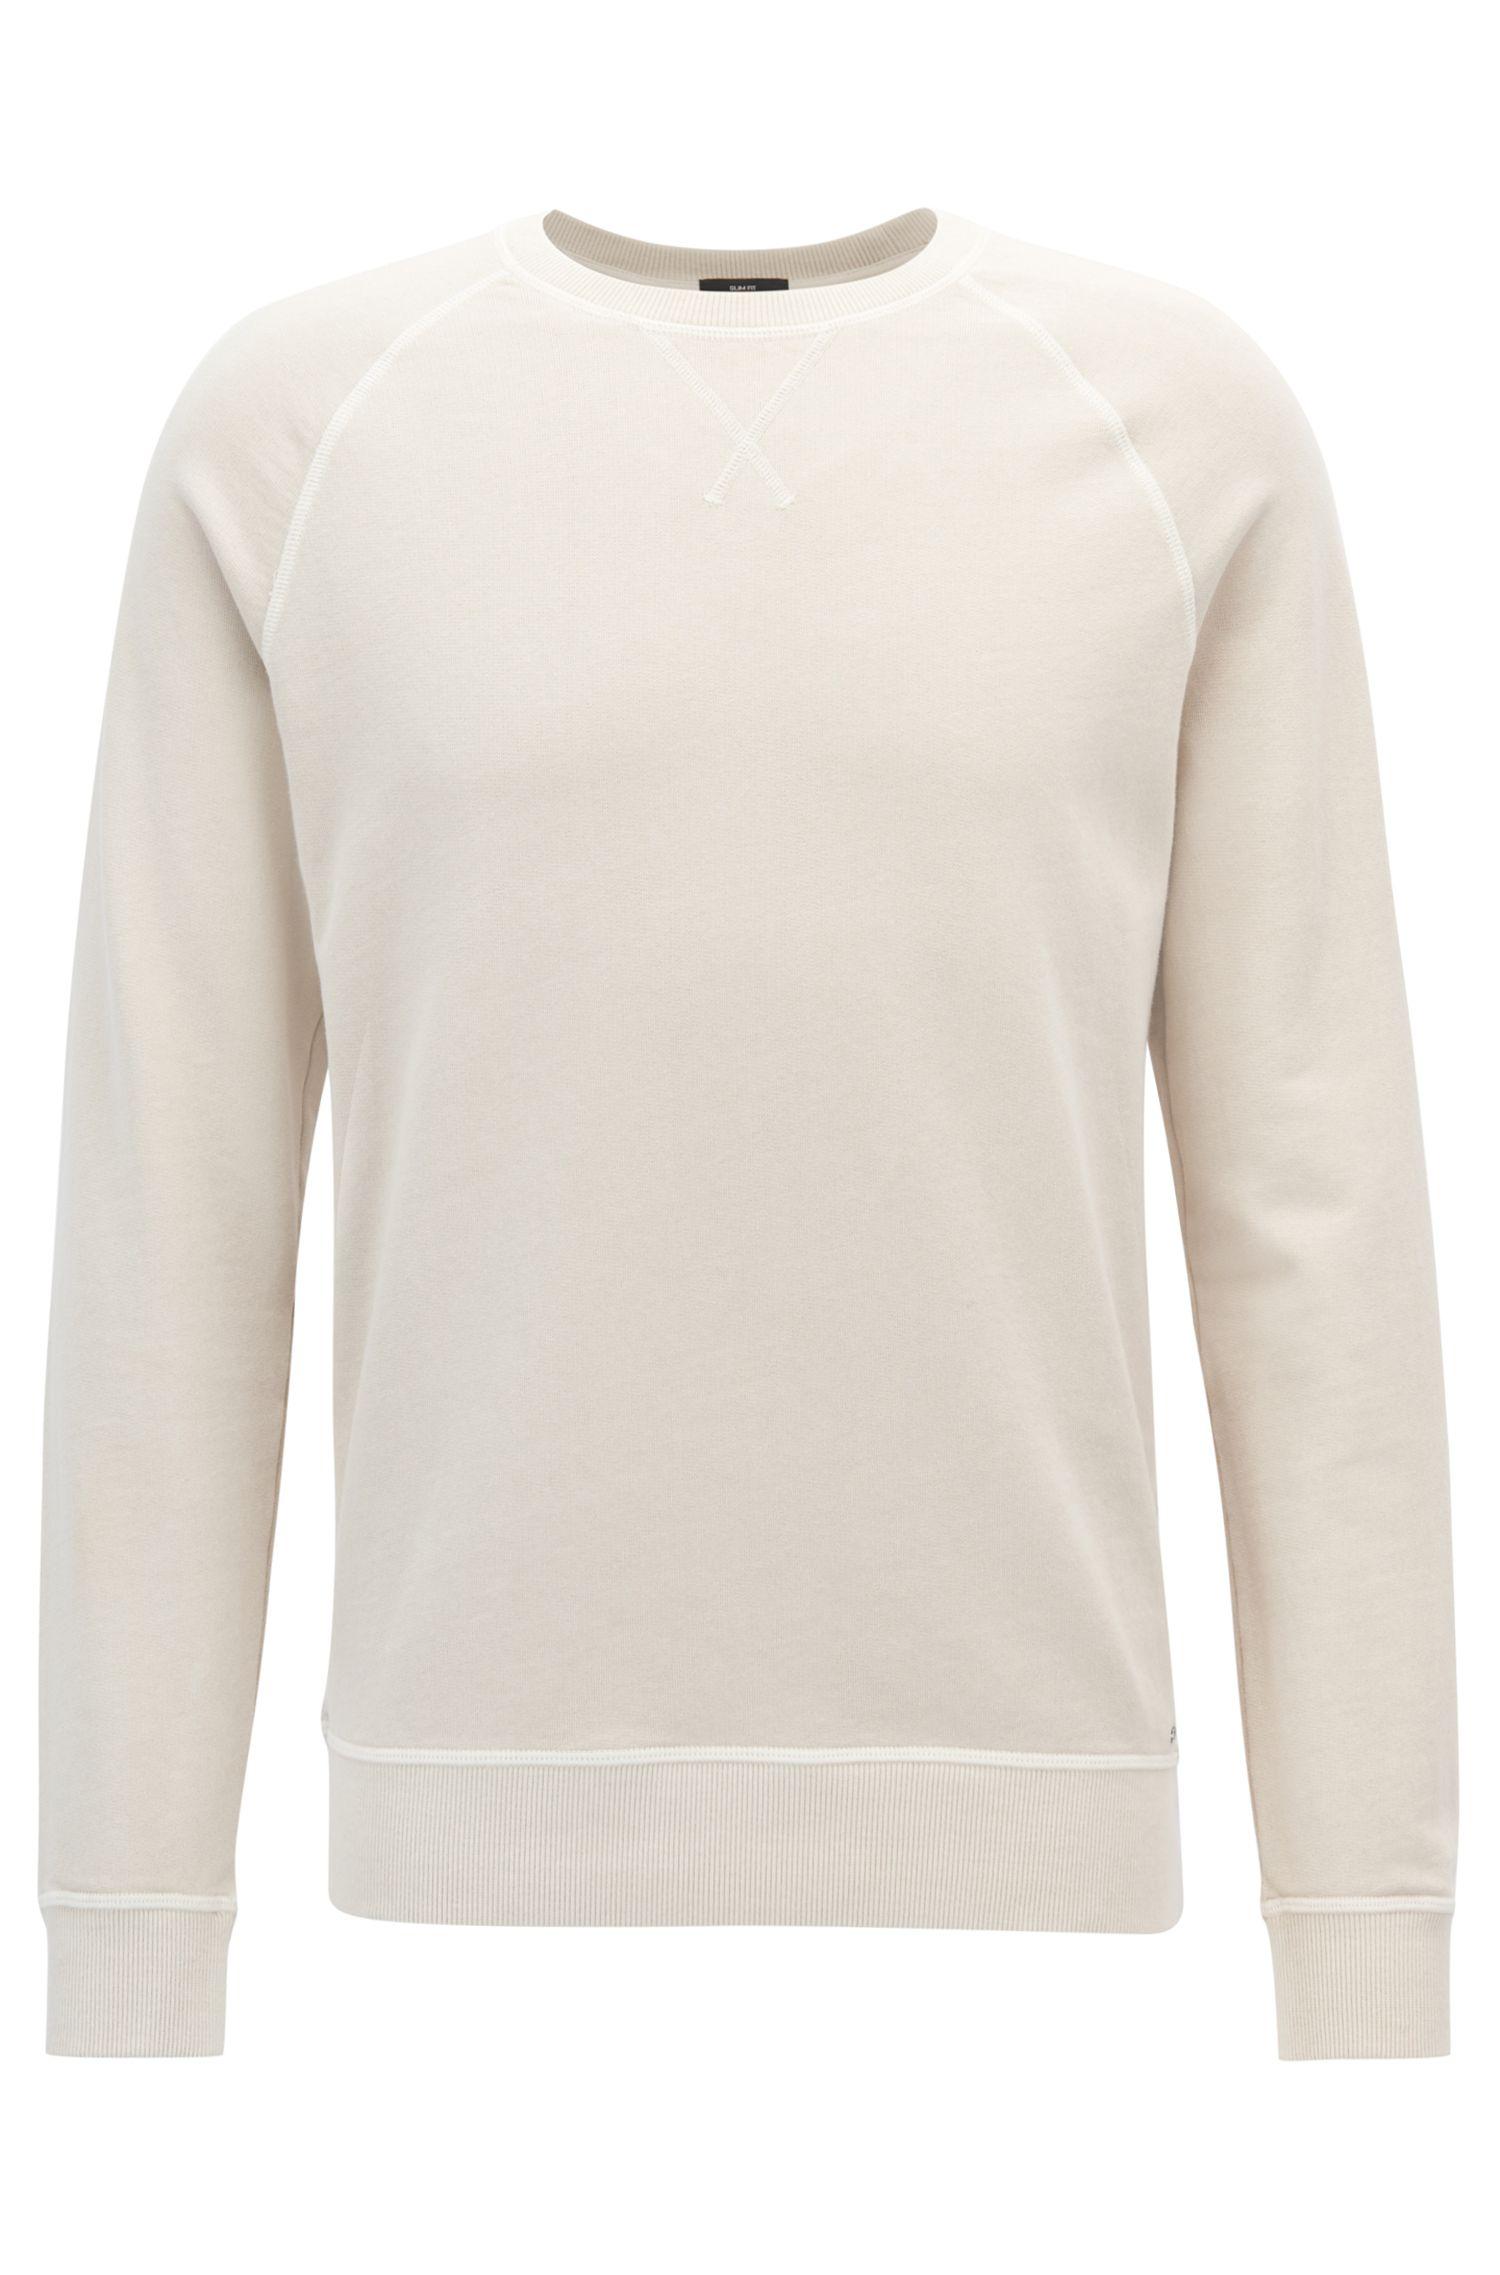 Sweatshirt aus Single Jersey mit Rundhalsausschnitt